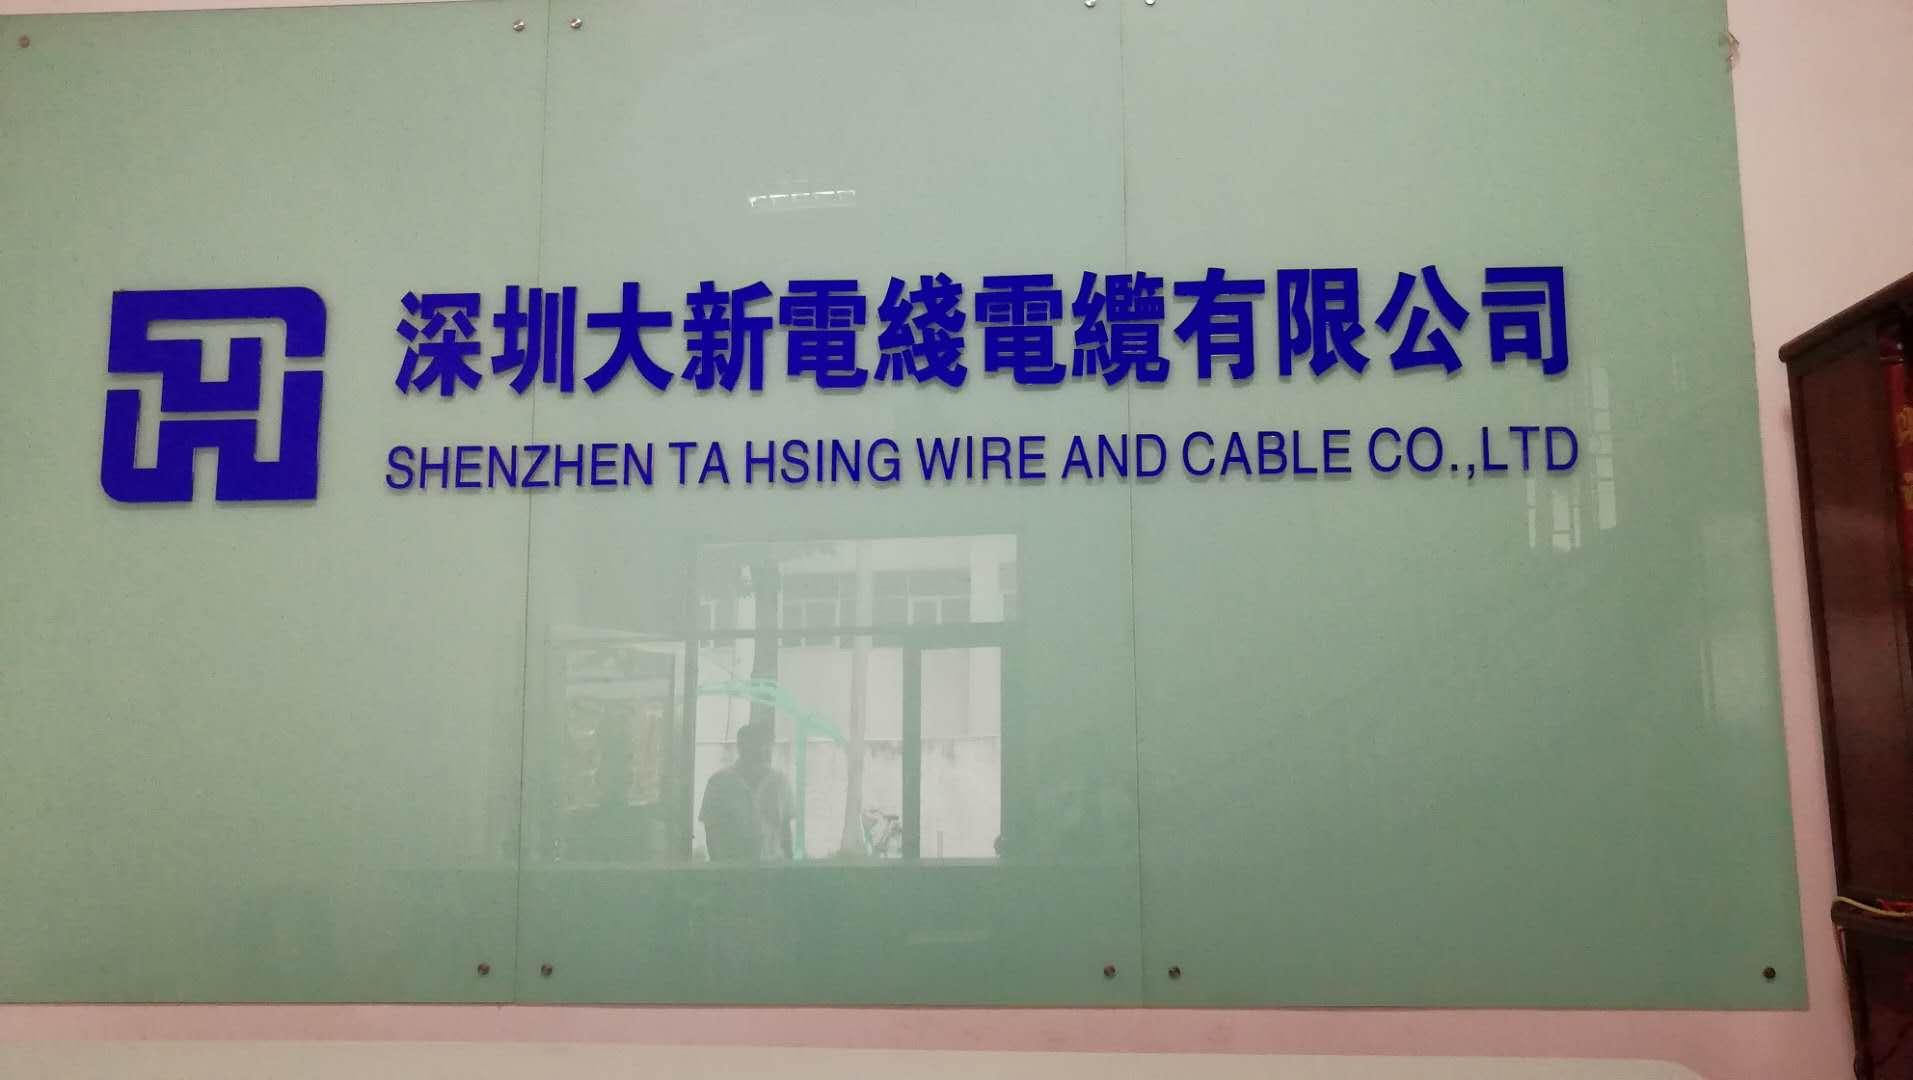 深圳大新電線電纜有限公司